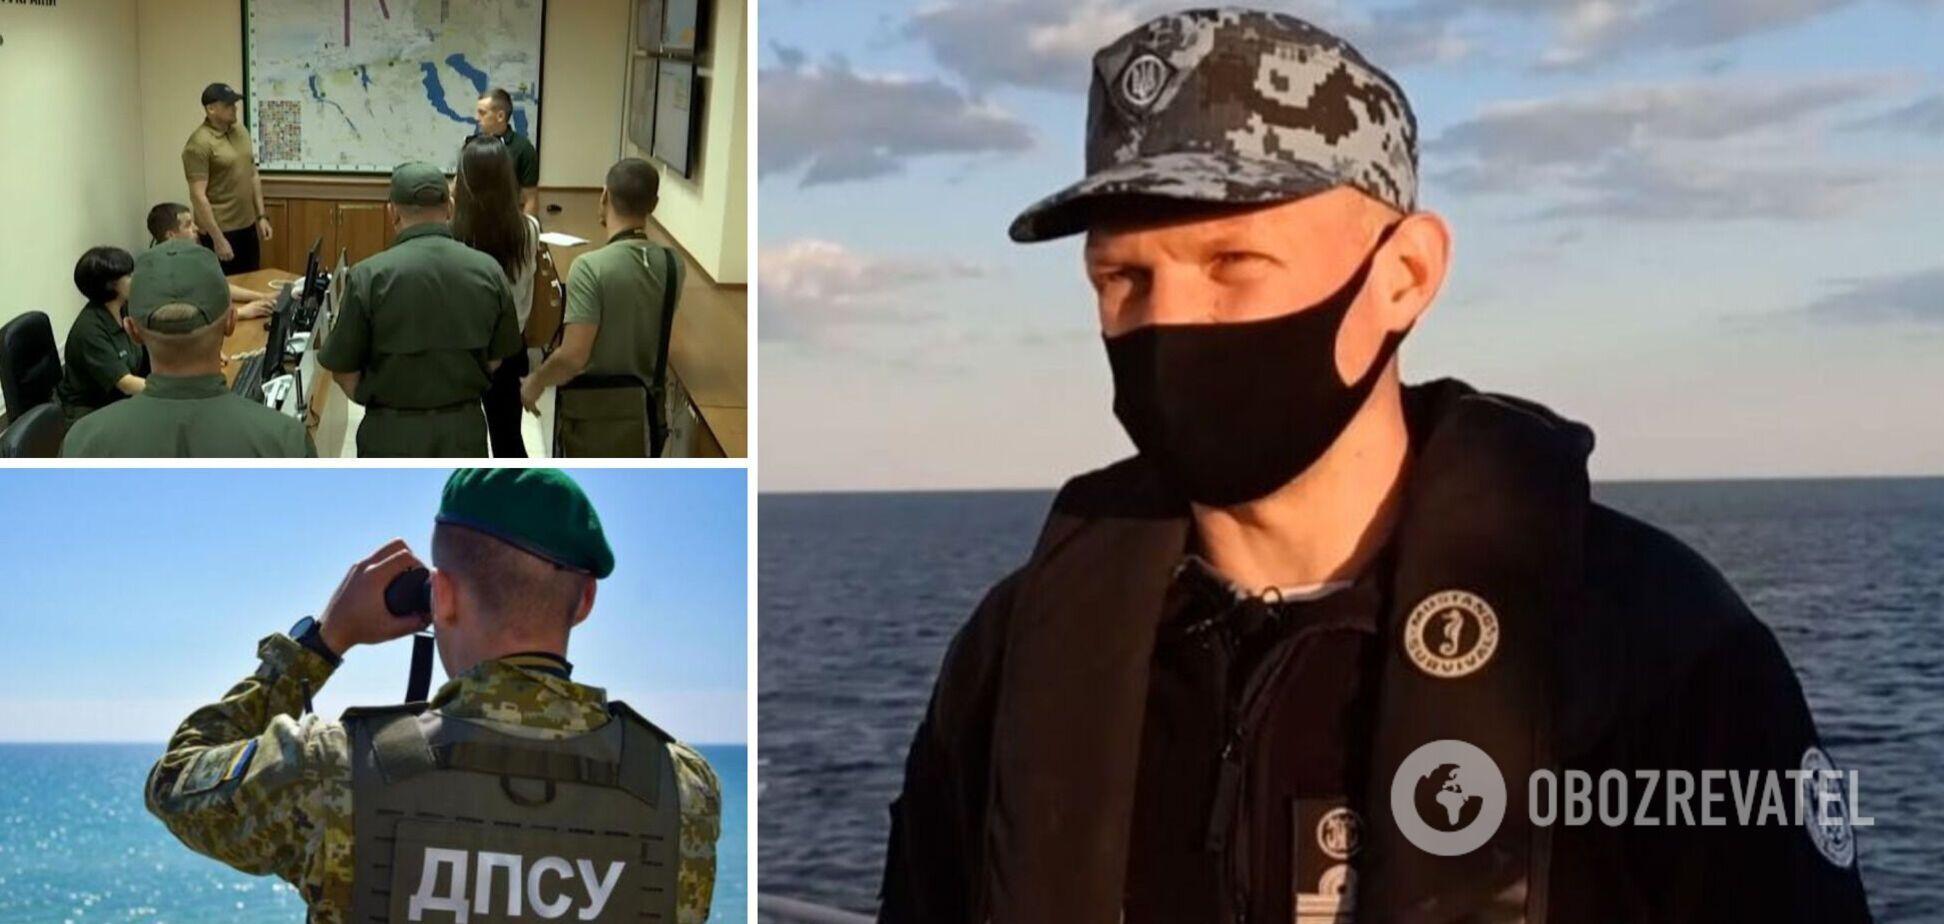 В Одессе неделю ищут офицера: жену заподозрили во вранье, а военного – в шпионаже и побеге в Крым